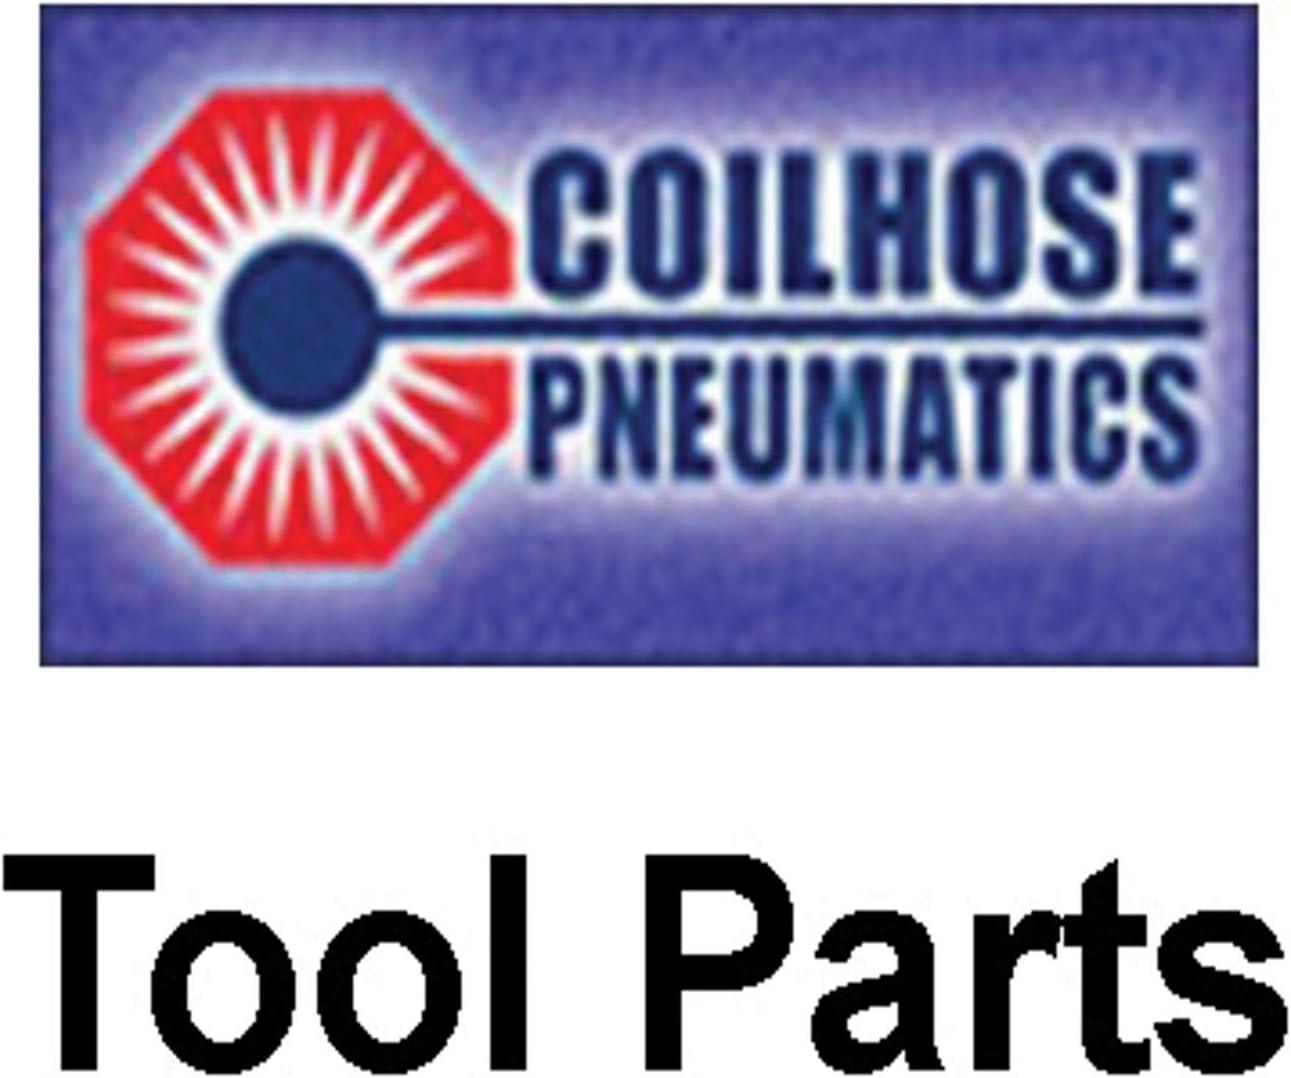 COILHOSE PNEUMATICS PR38-254-Y FACTORY NEW!